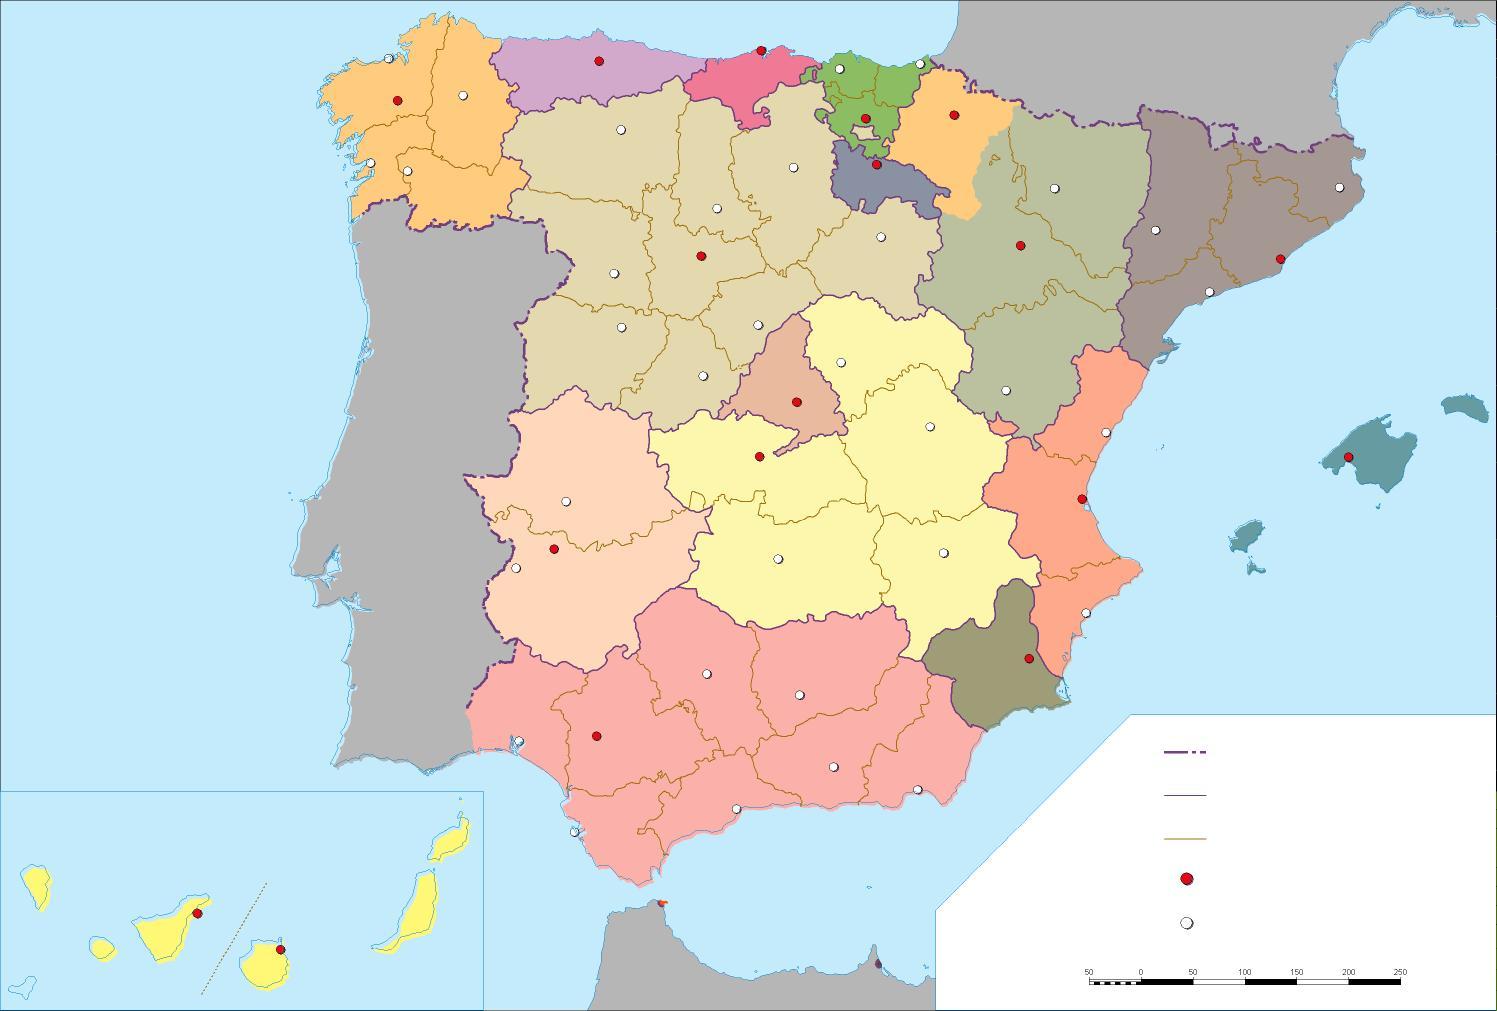 mapa-espana-politico-mudo1